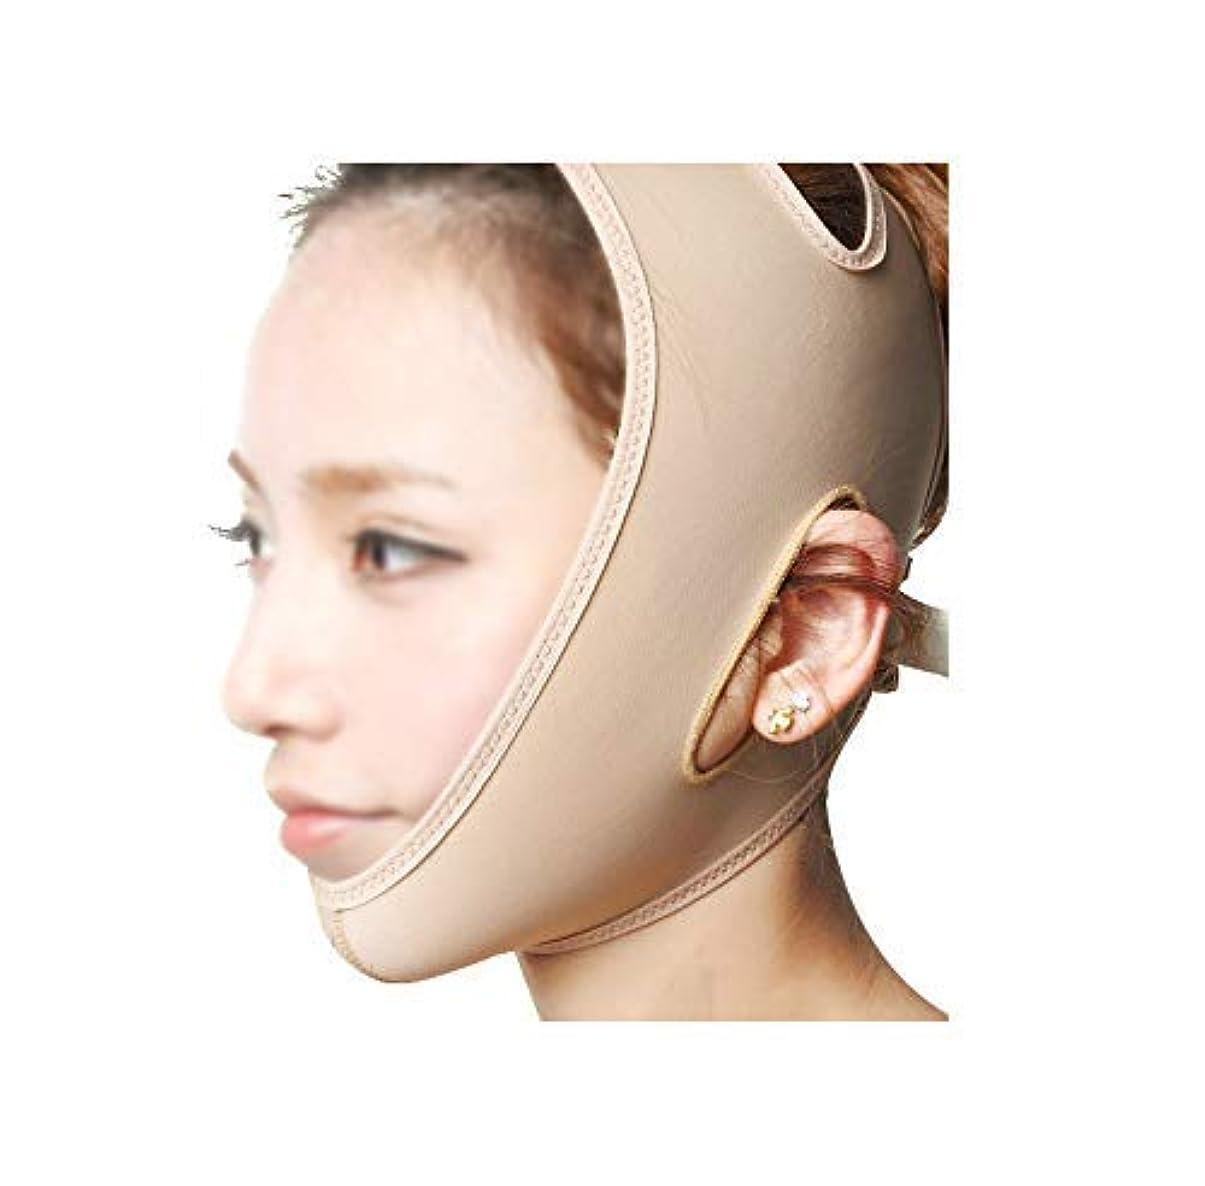 疫病リボンしないフェイスリフティングバンデージVフェイスインスツルメントフェイスマスクアーティファクトフェイスリフティング引き締めフェイシャルマッサージ通気性肌のトーン(サイズ:xl),M